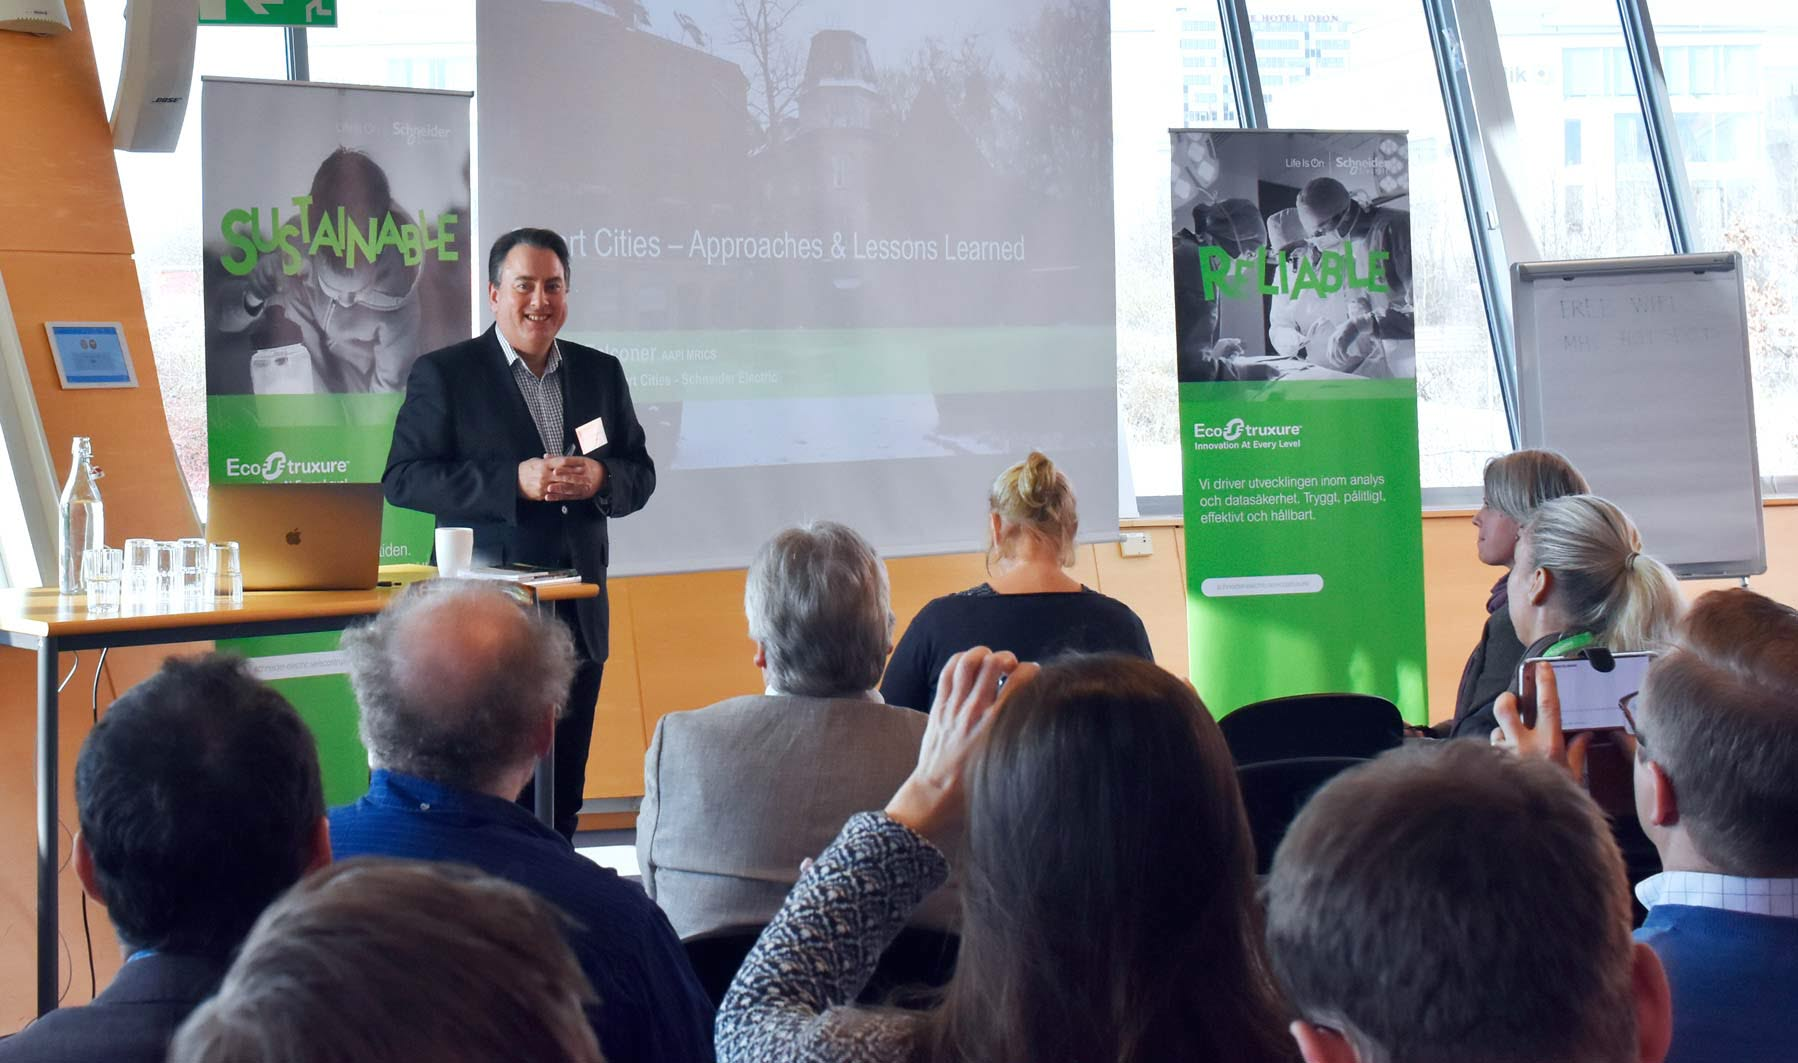 Gordon Falconer från Schneider Electric talar om smarta städer